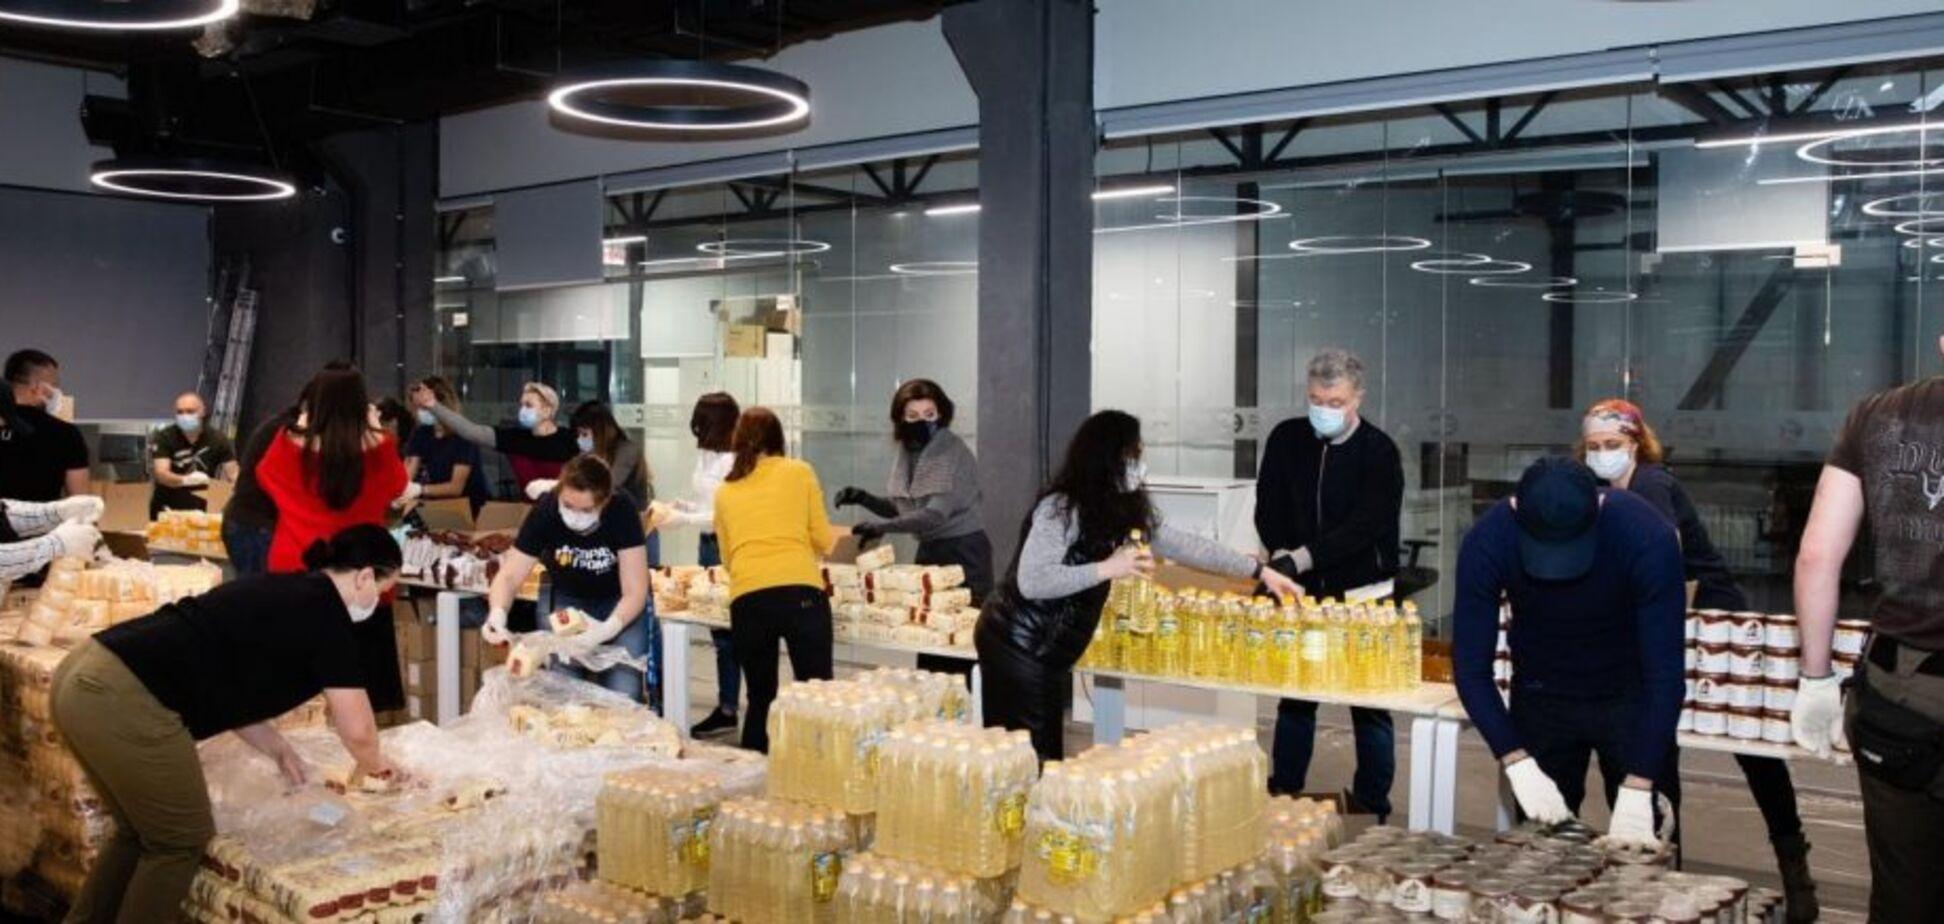 Родина Порошенків з волонтерами зібрали 2 тисячі продуктових наборів для нужденних